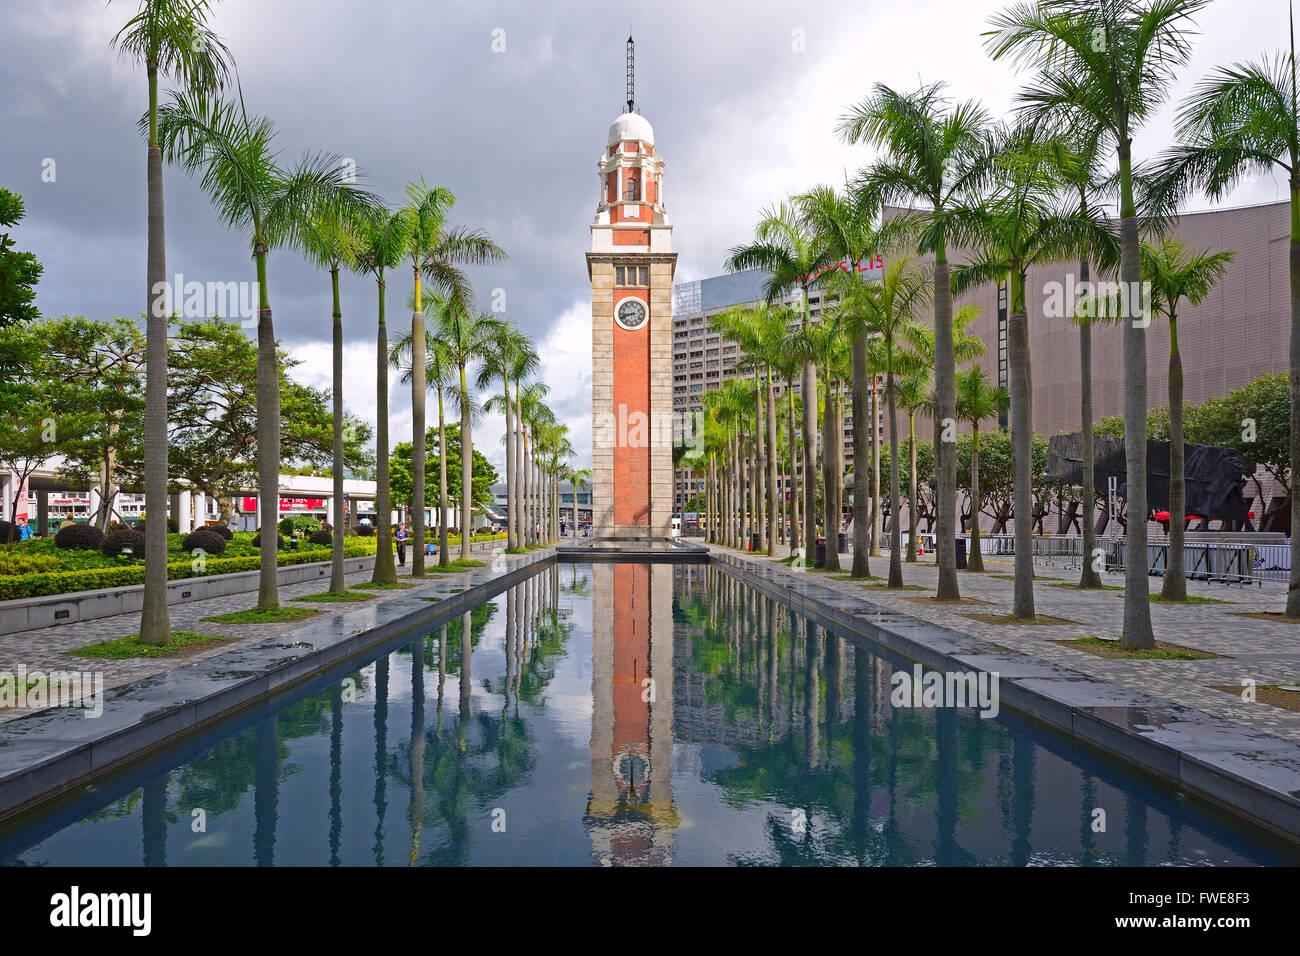 Clock Tower, Kowloon, Hongkong, China - Stock Image